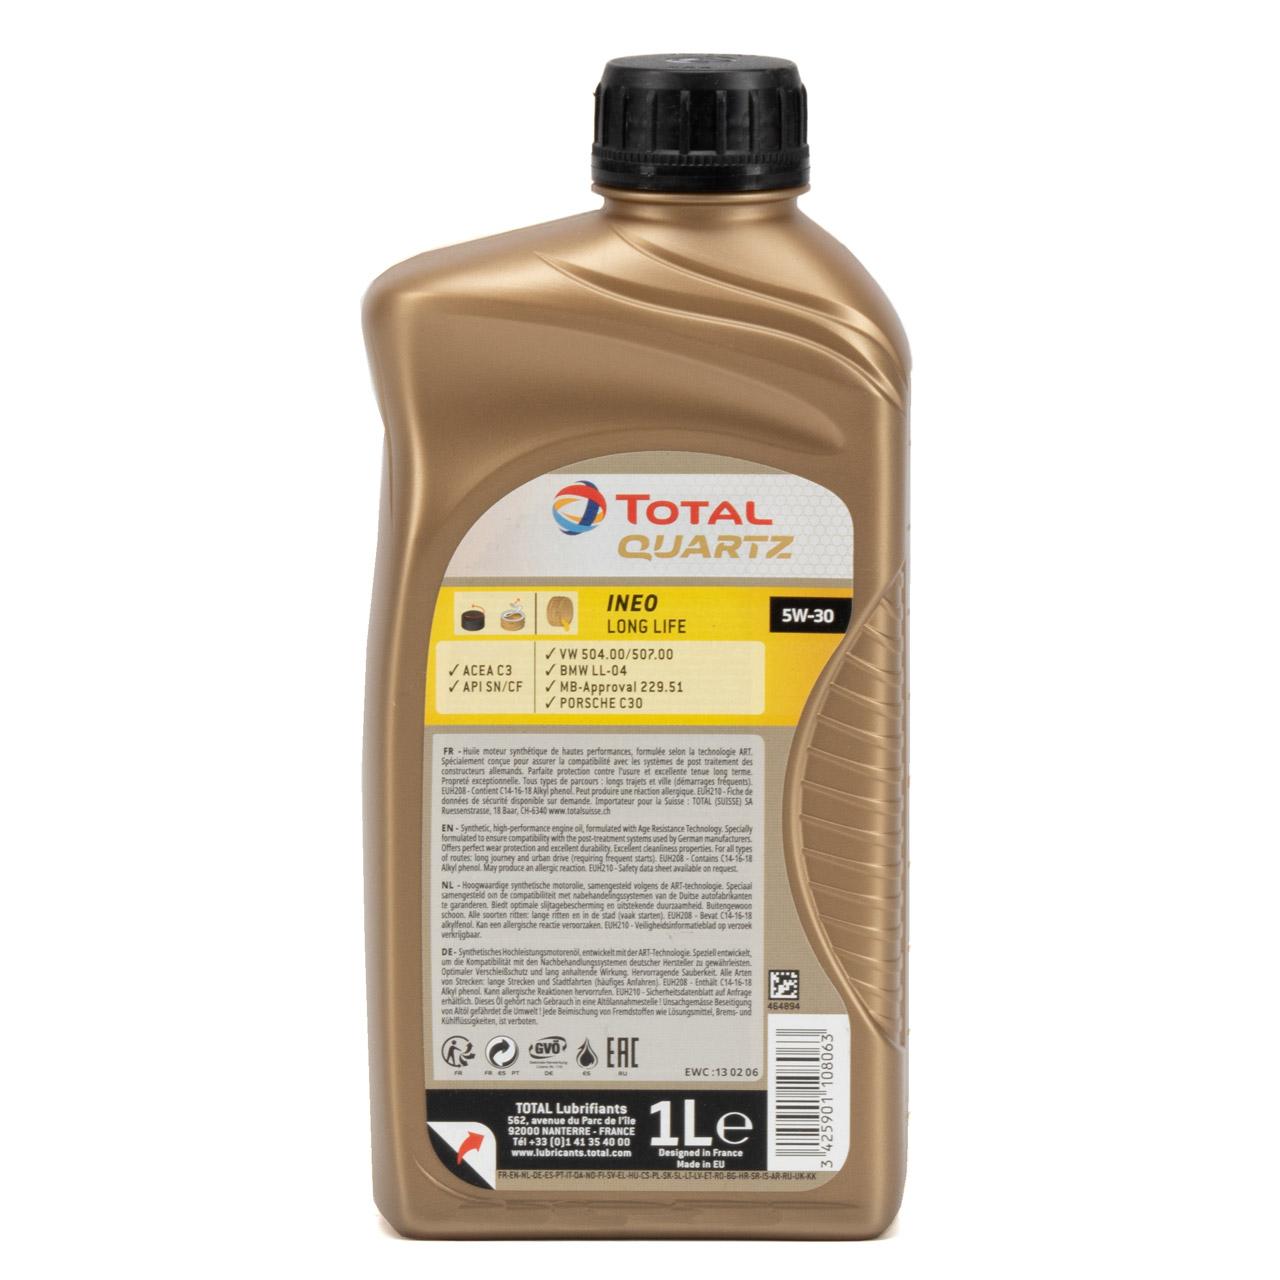 TOTAL QUARTZ INEO LONGLIFE 5W30 Motoröl Öl VW 504/507.00 MB 229.51 - 1L 1 Liter